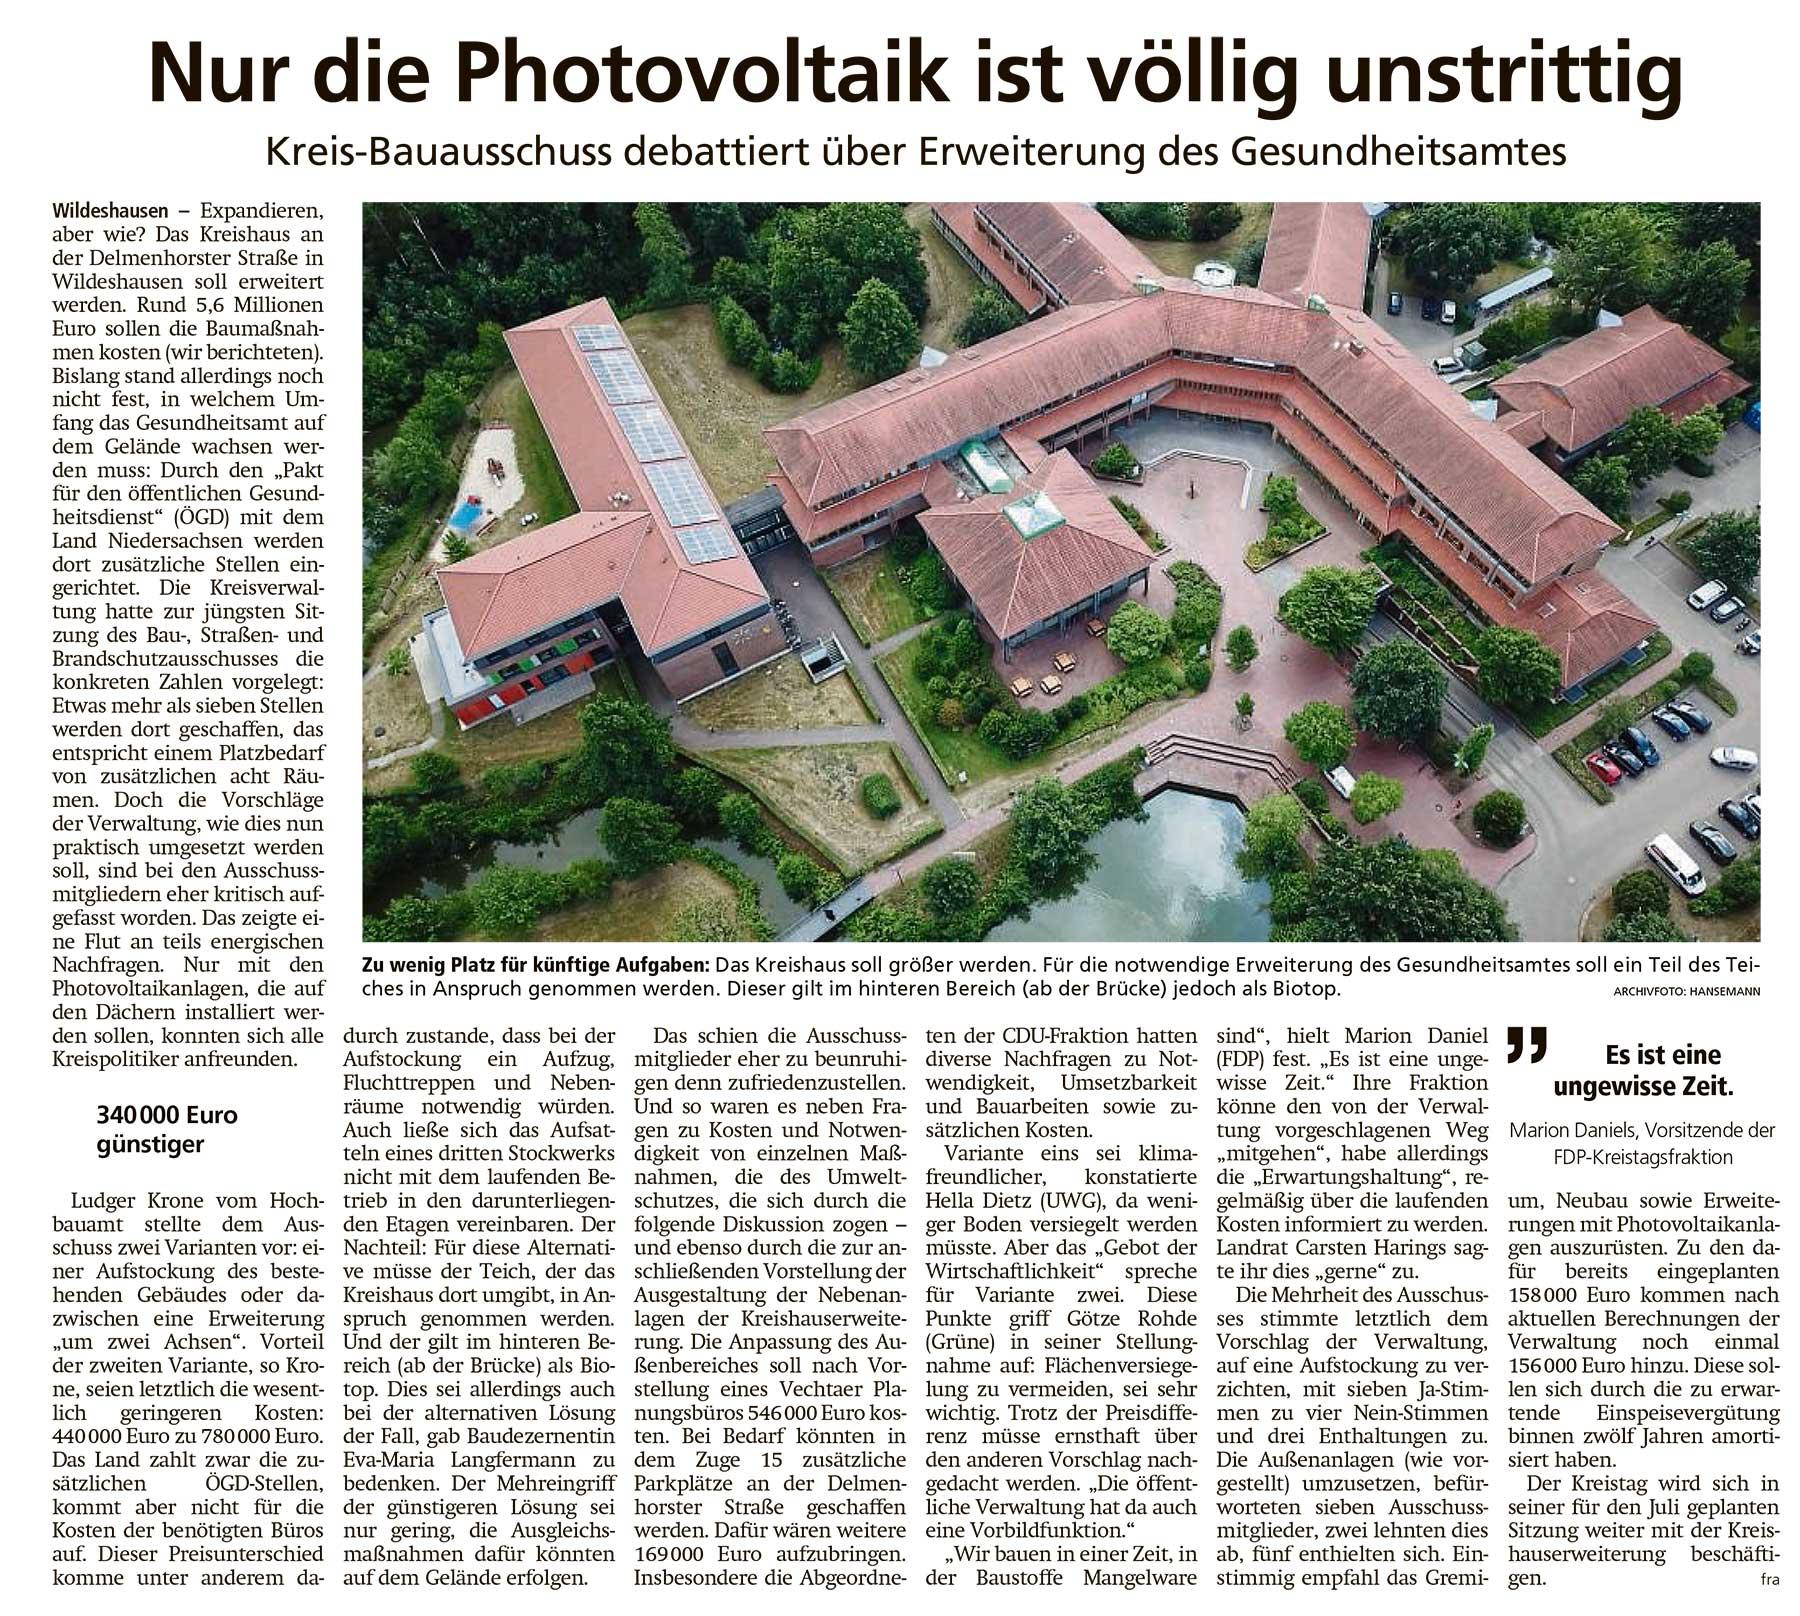 Nur die Photovoltaik ist völlig unstrittigKreis-Bauausschuss debattiert über Erweiterung des GesundheitsamtesArtikel vom 07.05.2021 (WZ)